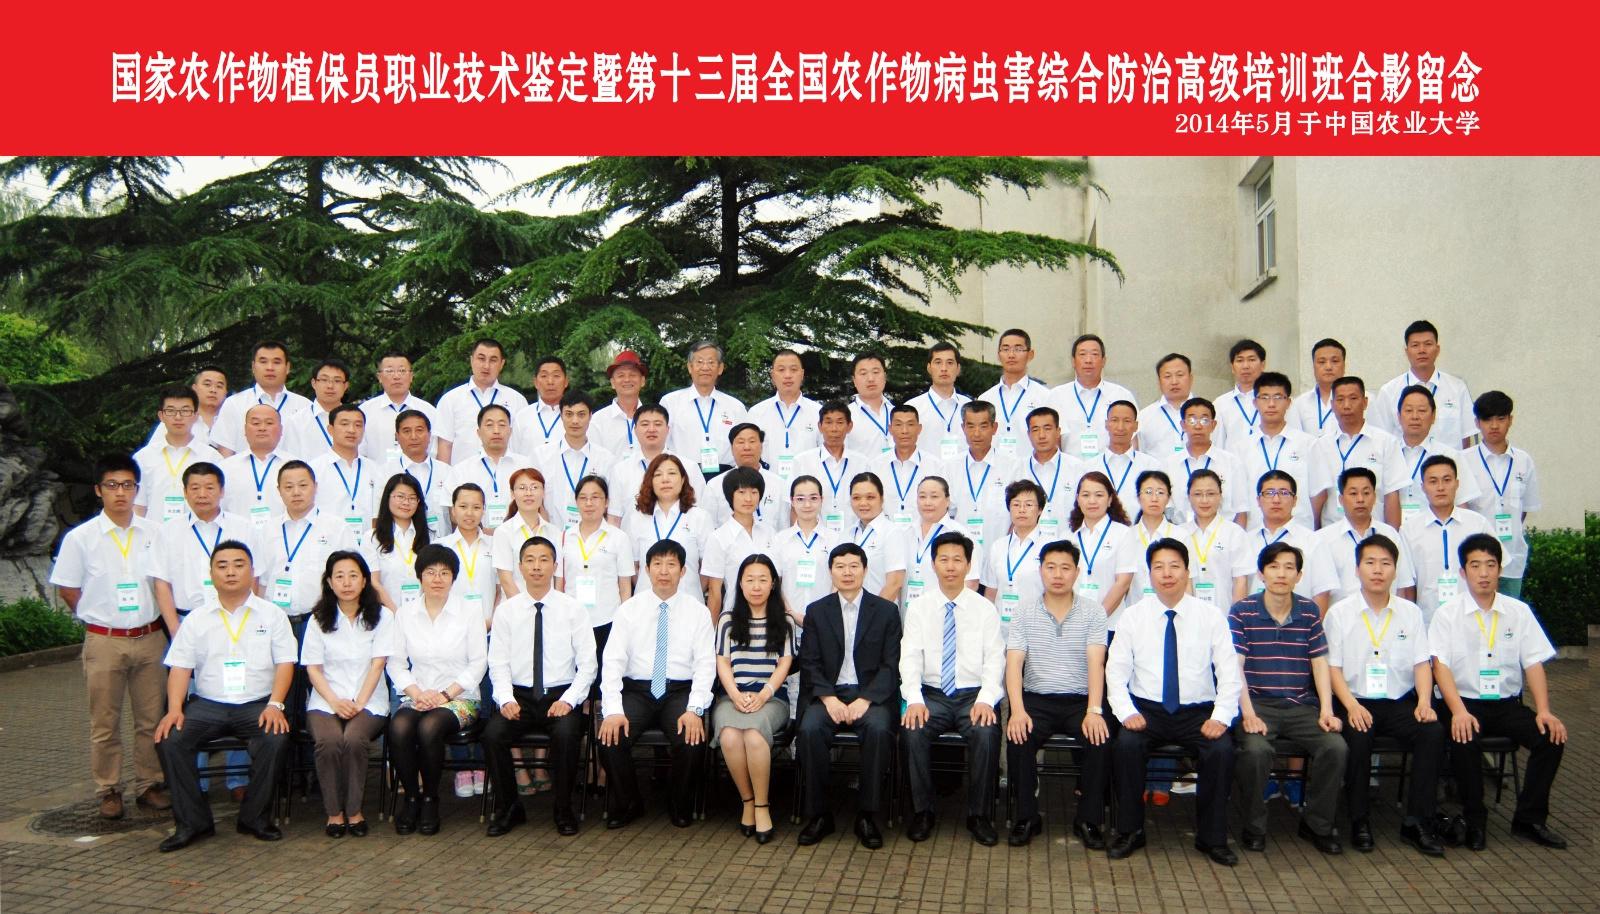 我们的乔老师走进中国农业大学